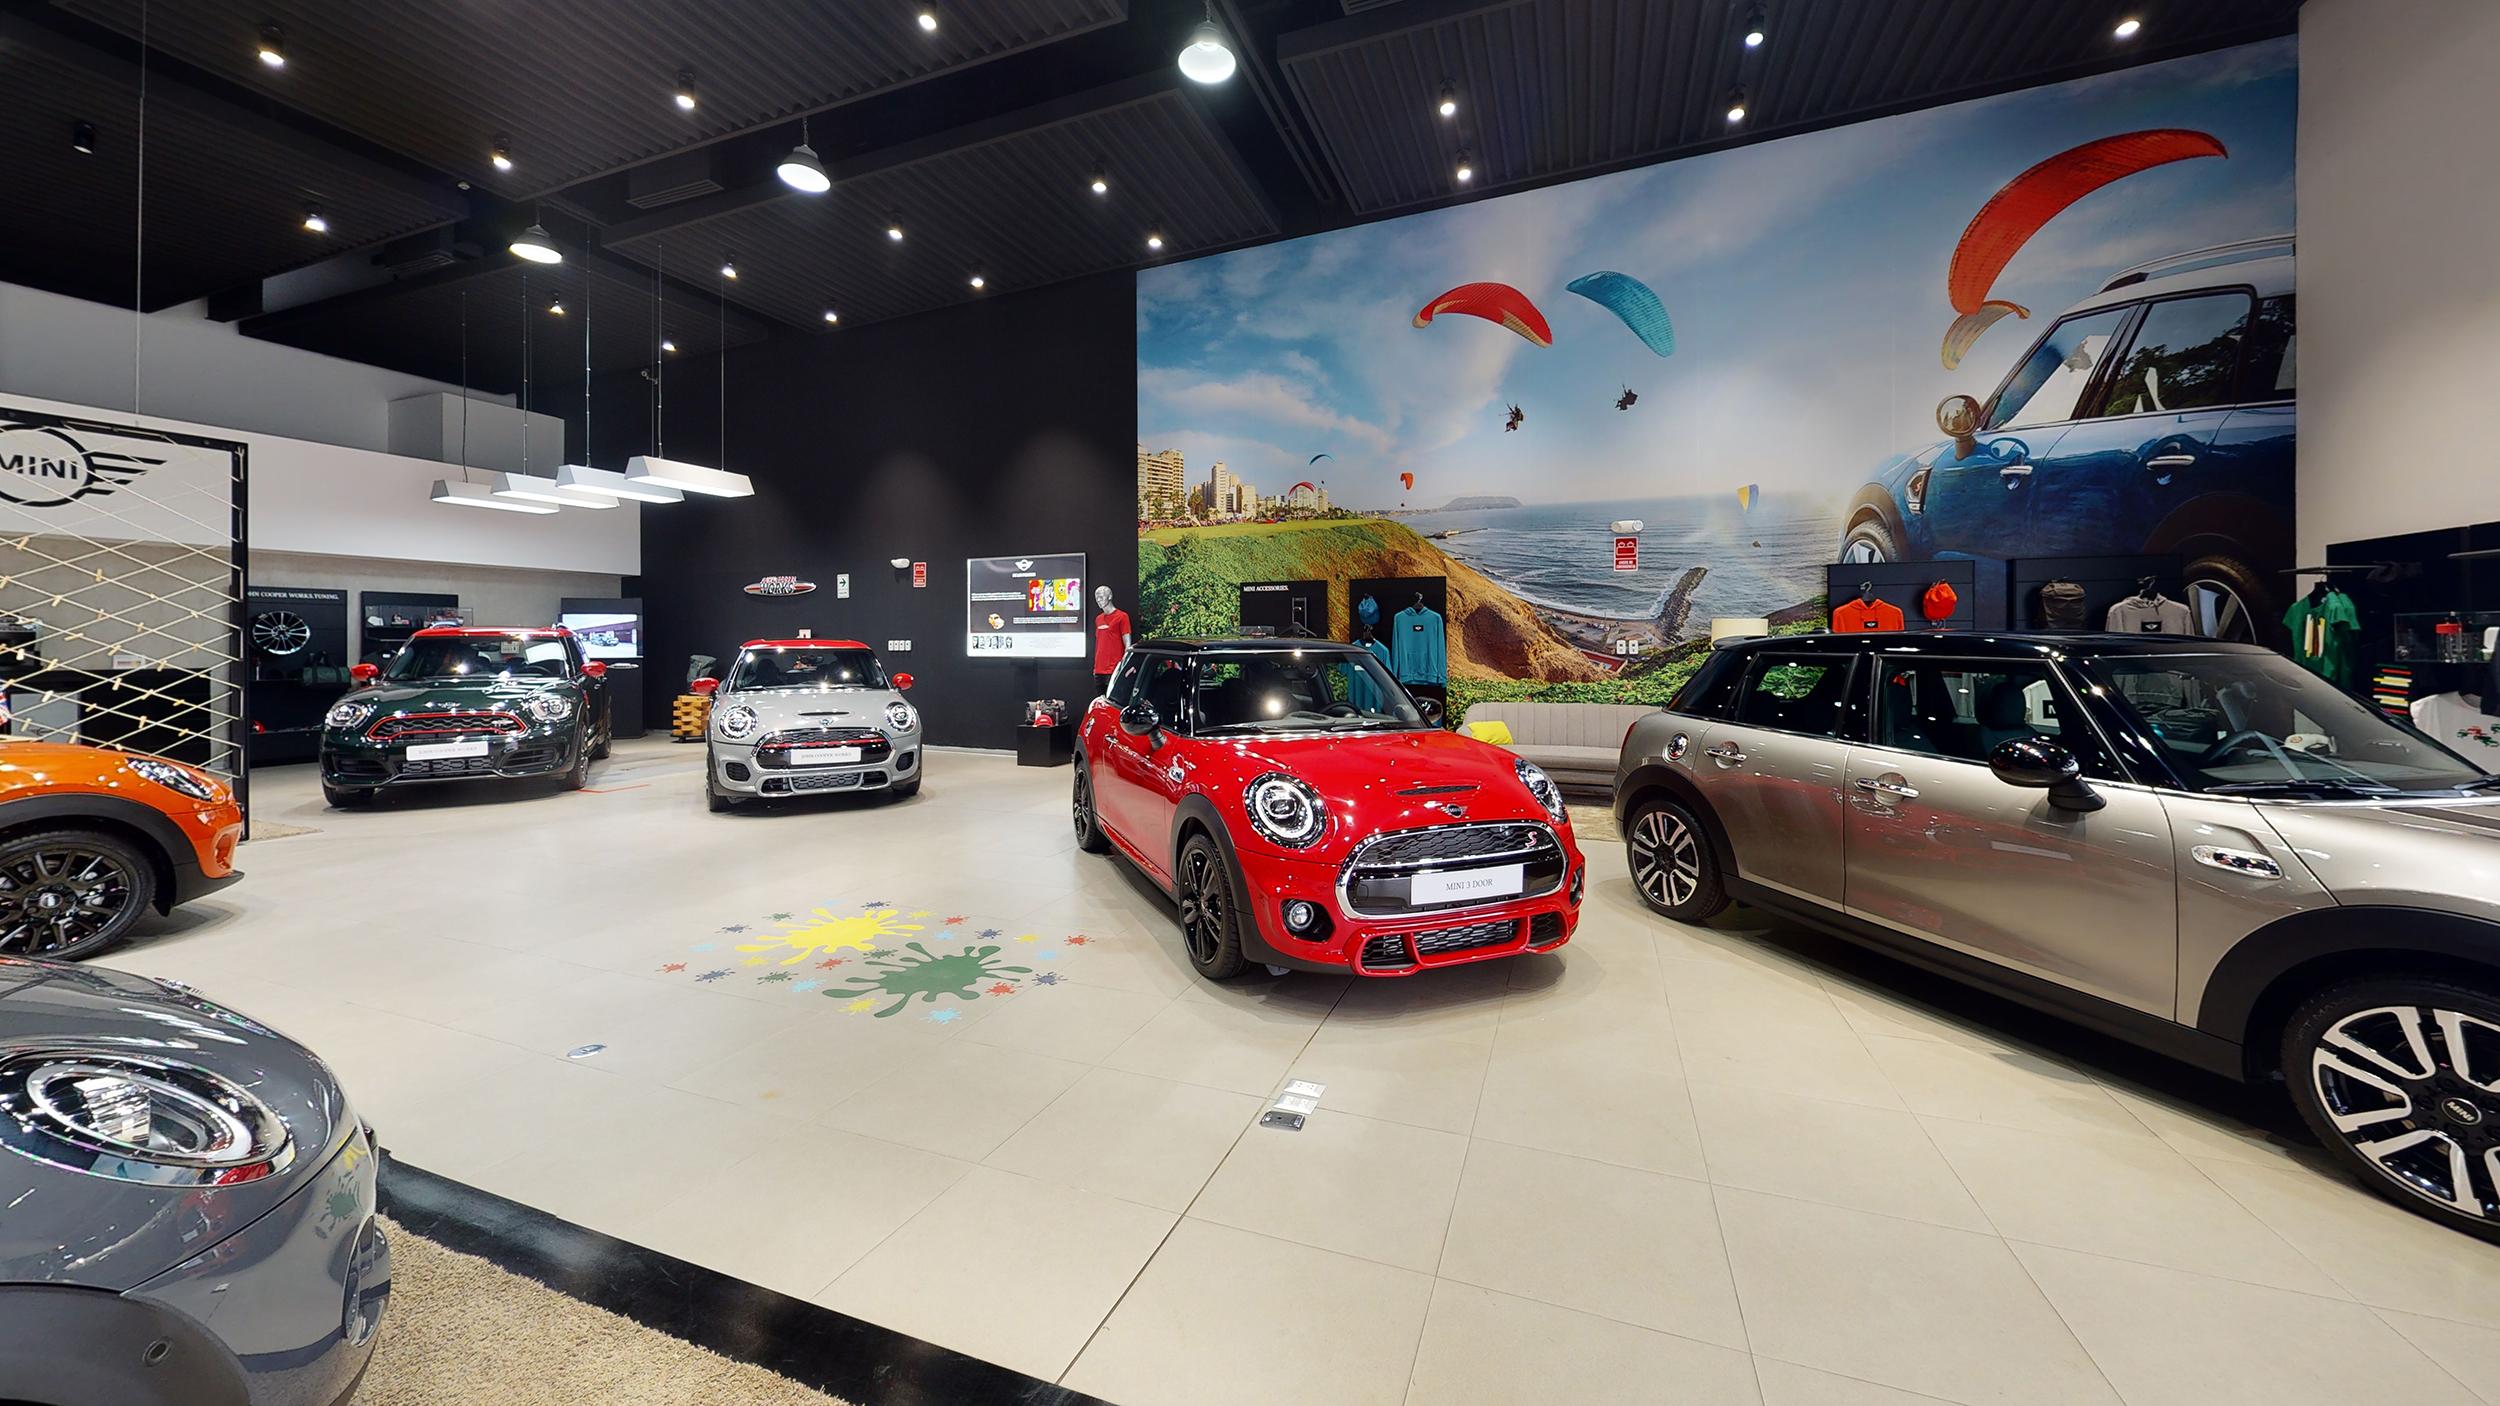 Automóviles exhibidos en MINI Peru, Lima, La Molina